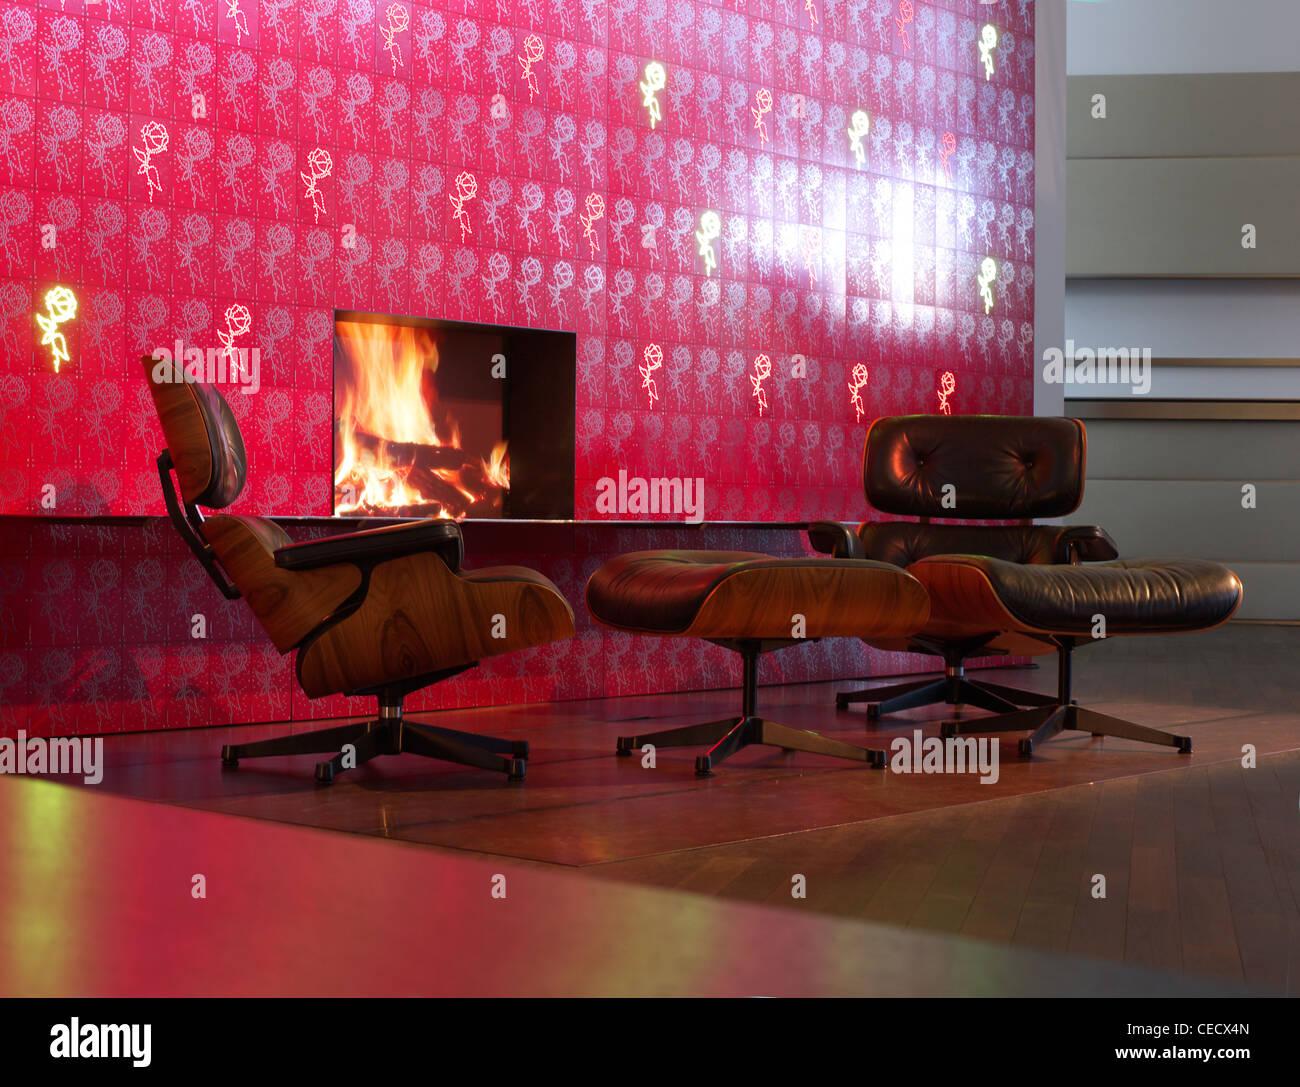 Eames Lounge Chair In Der Eingangshalle Der BMW Welt, München Stockbild